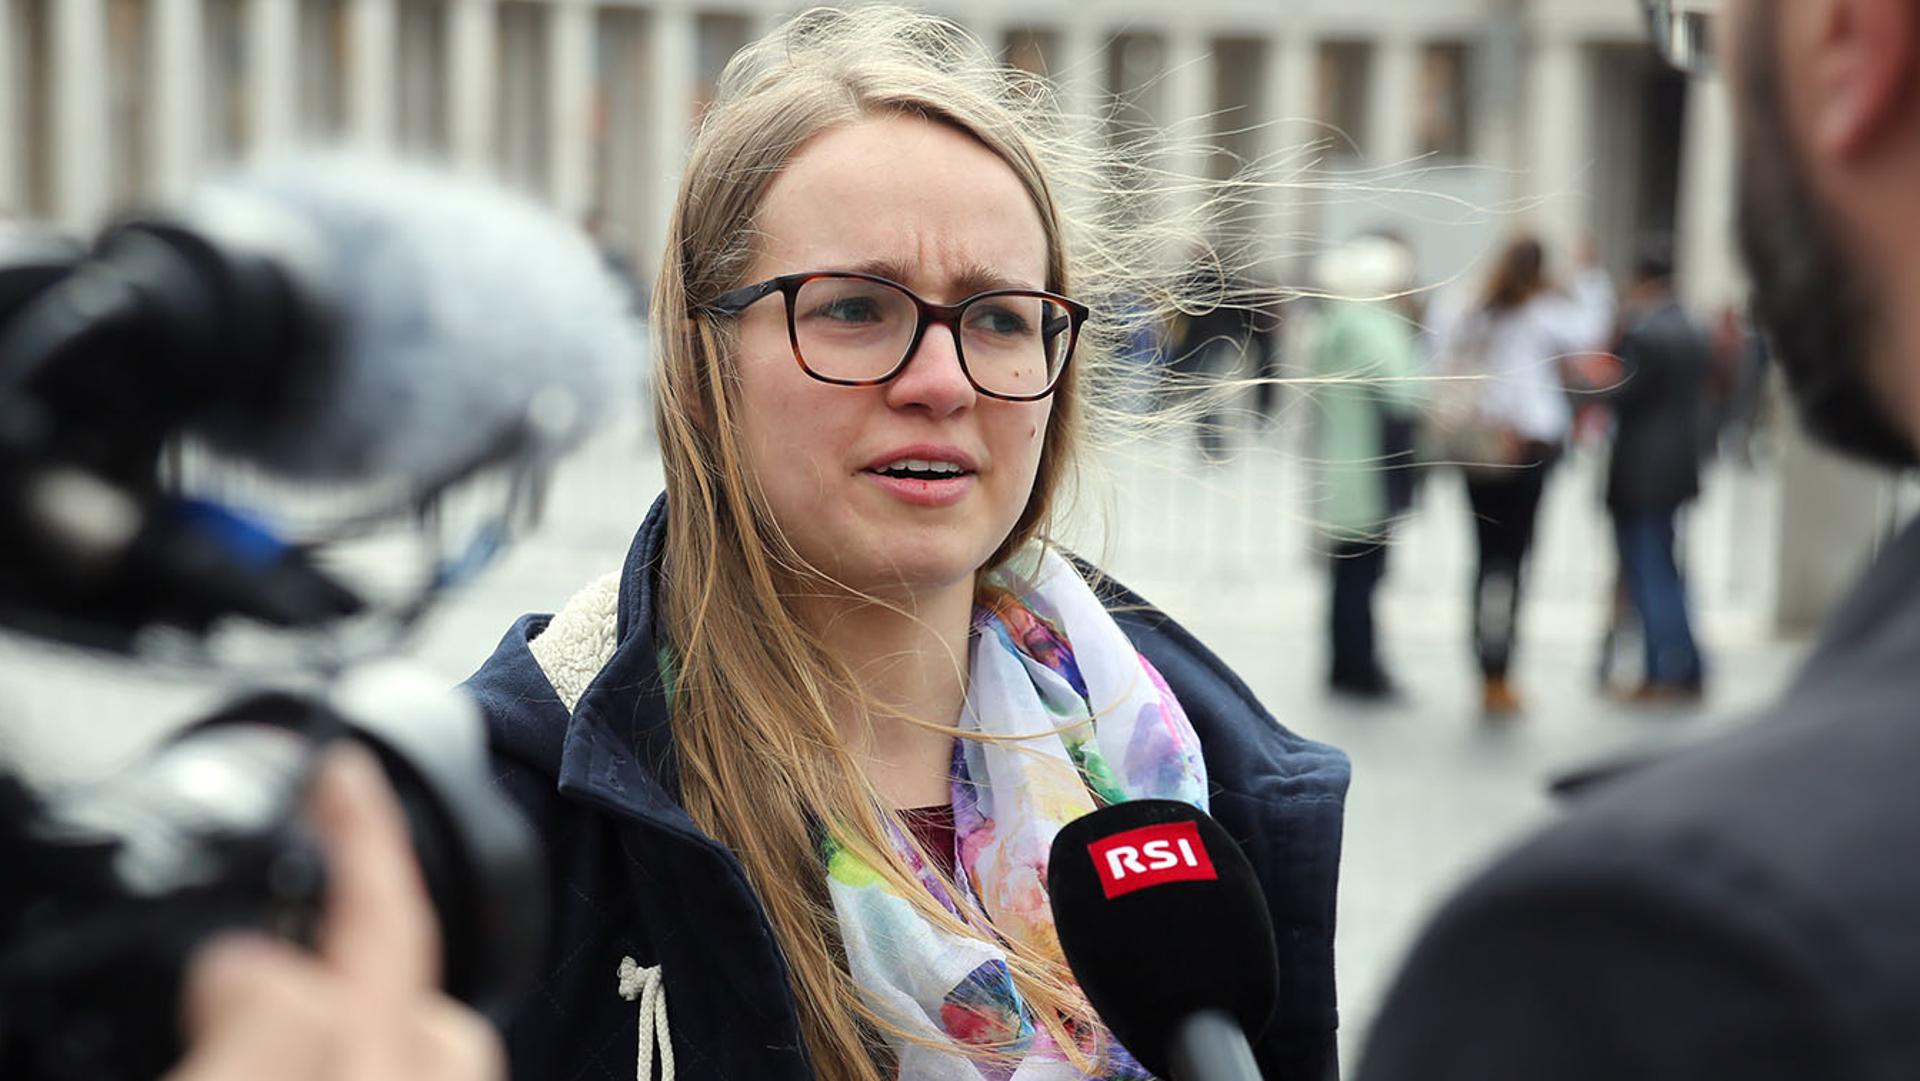 Medea Sarbach, Schweizer Delegierte an der Jugend-Vorsynode in Rom | © Bernard Hallet